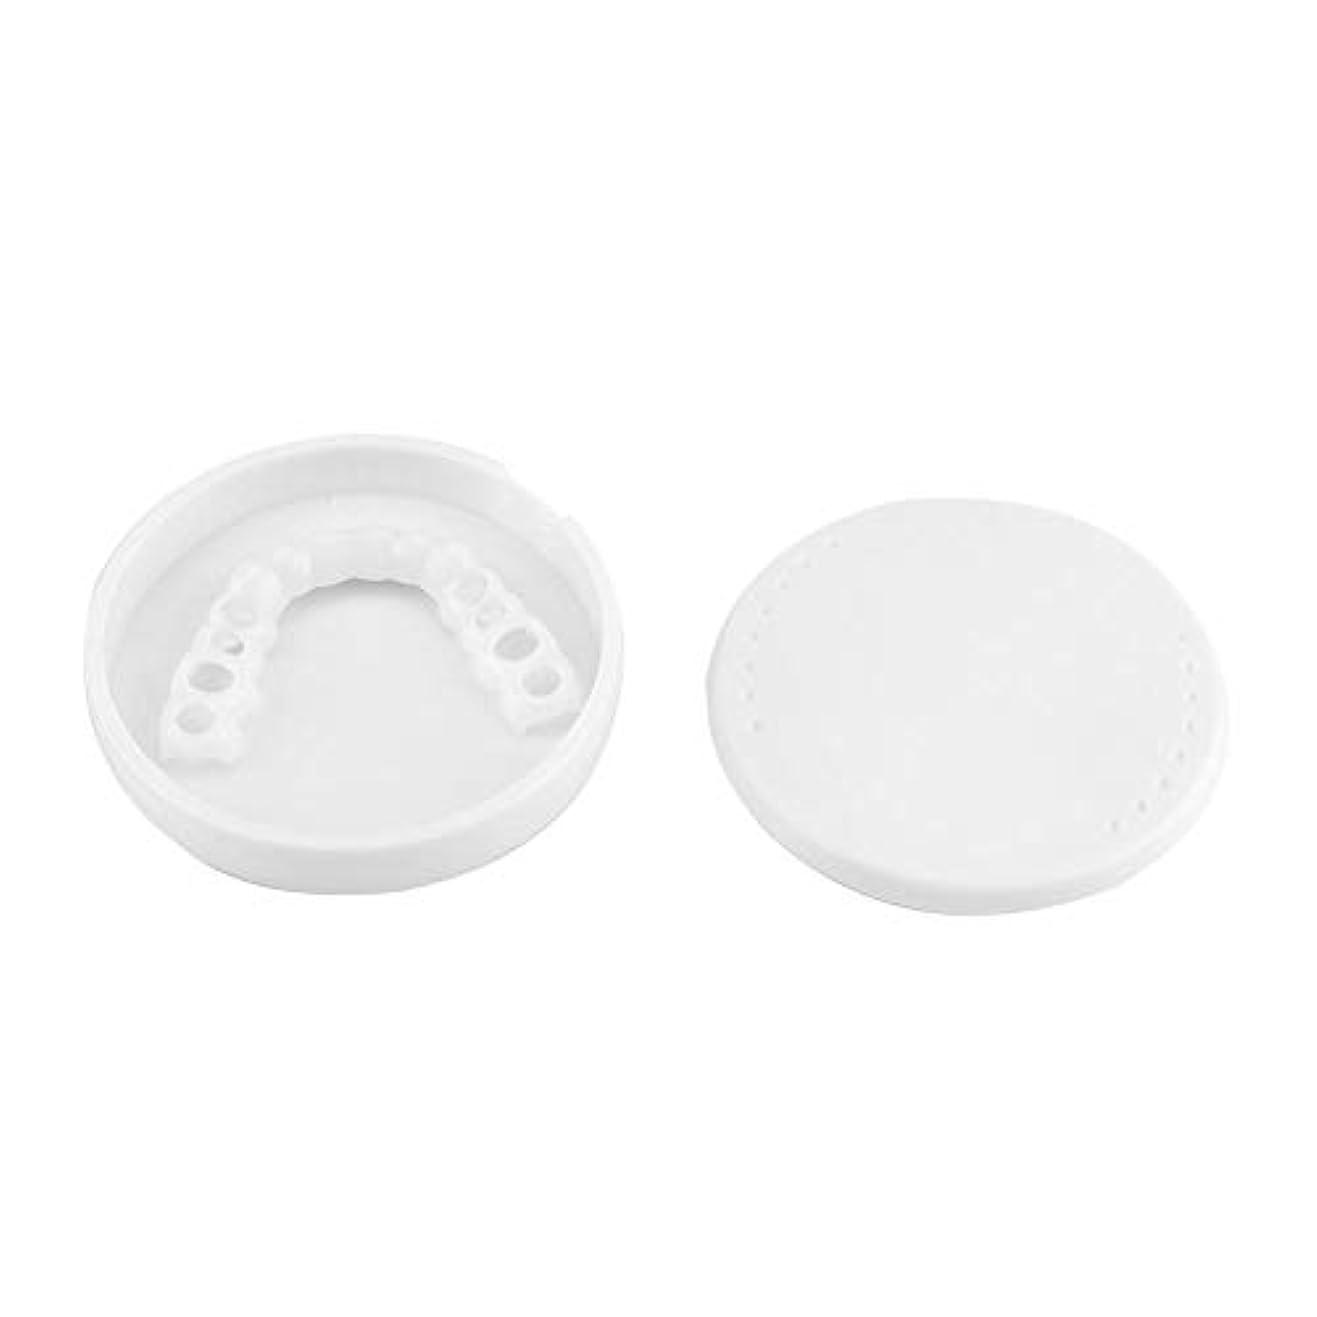 形狂信者マーキングSalinr インスタント 完璧なベニヤの歯スナップキャップを白く 一時的な化粧品歯義 歯化粧品シミュレーション 白くする歯カバー フィットフレックス歯ベニア上の歯+下歯のセット